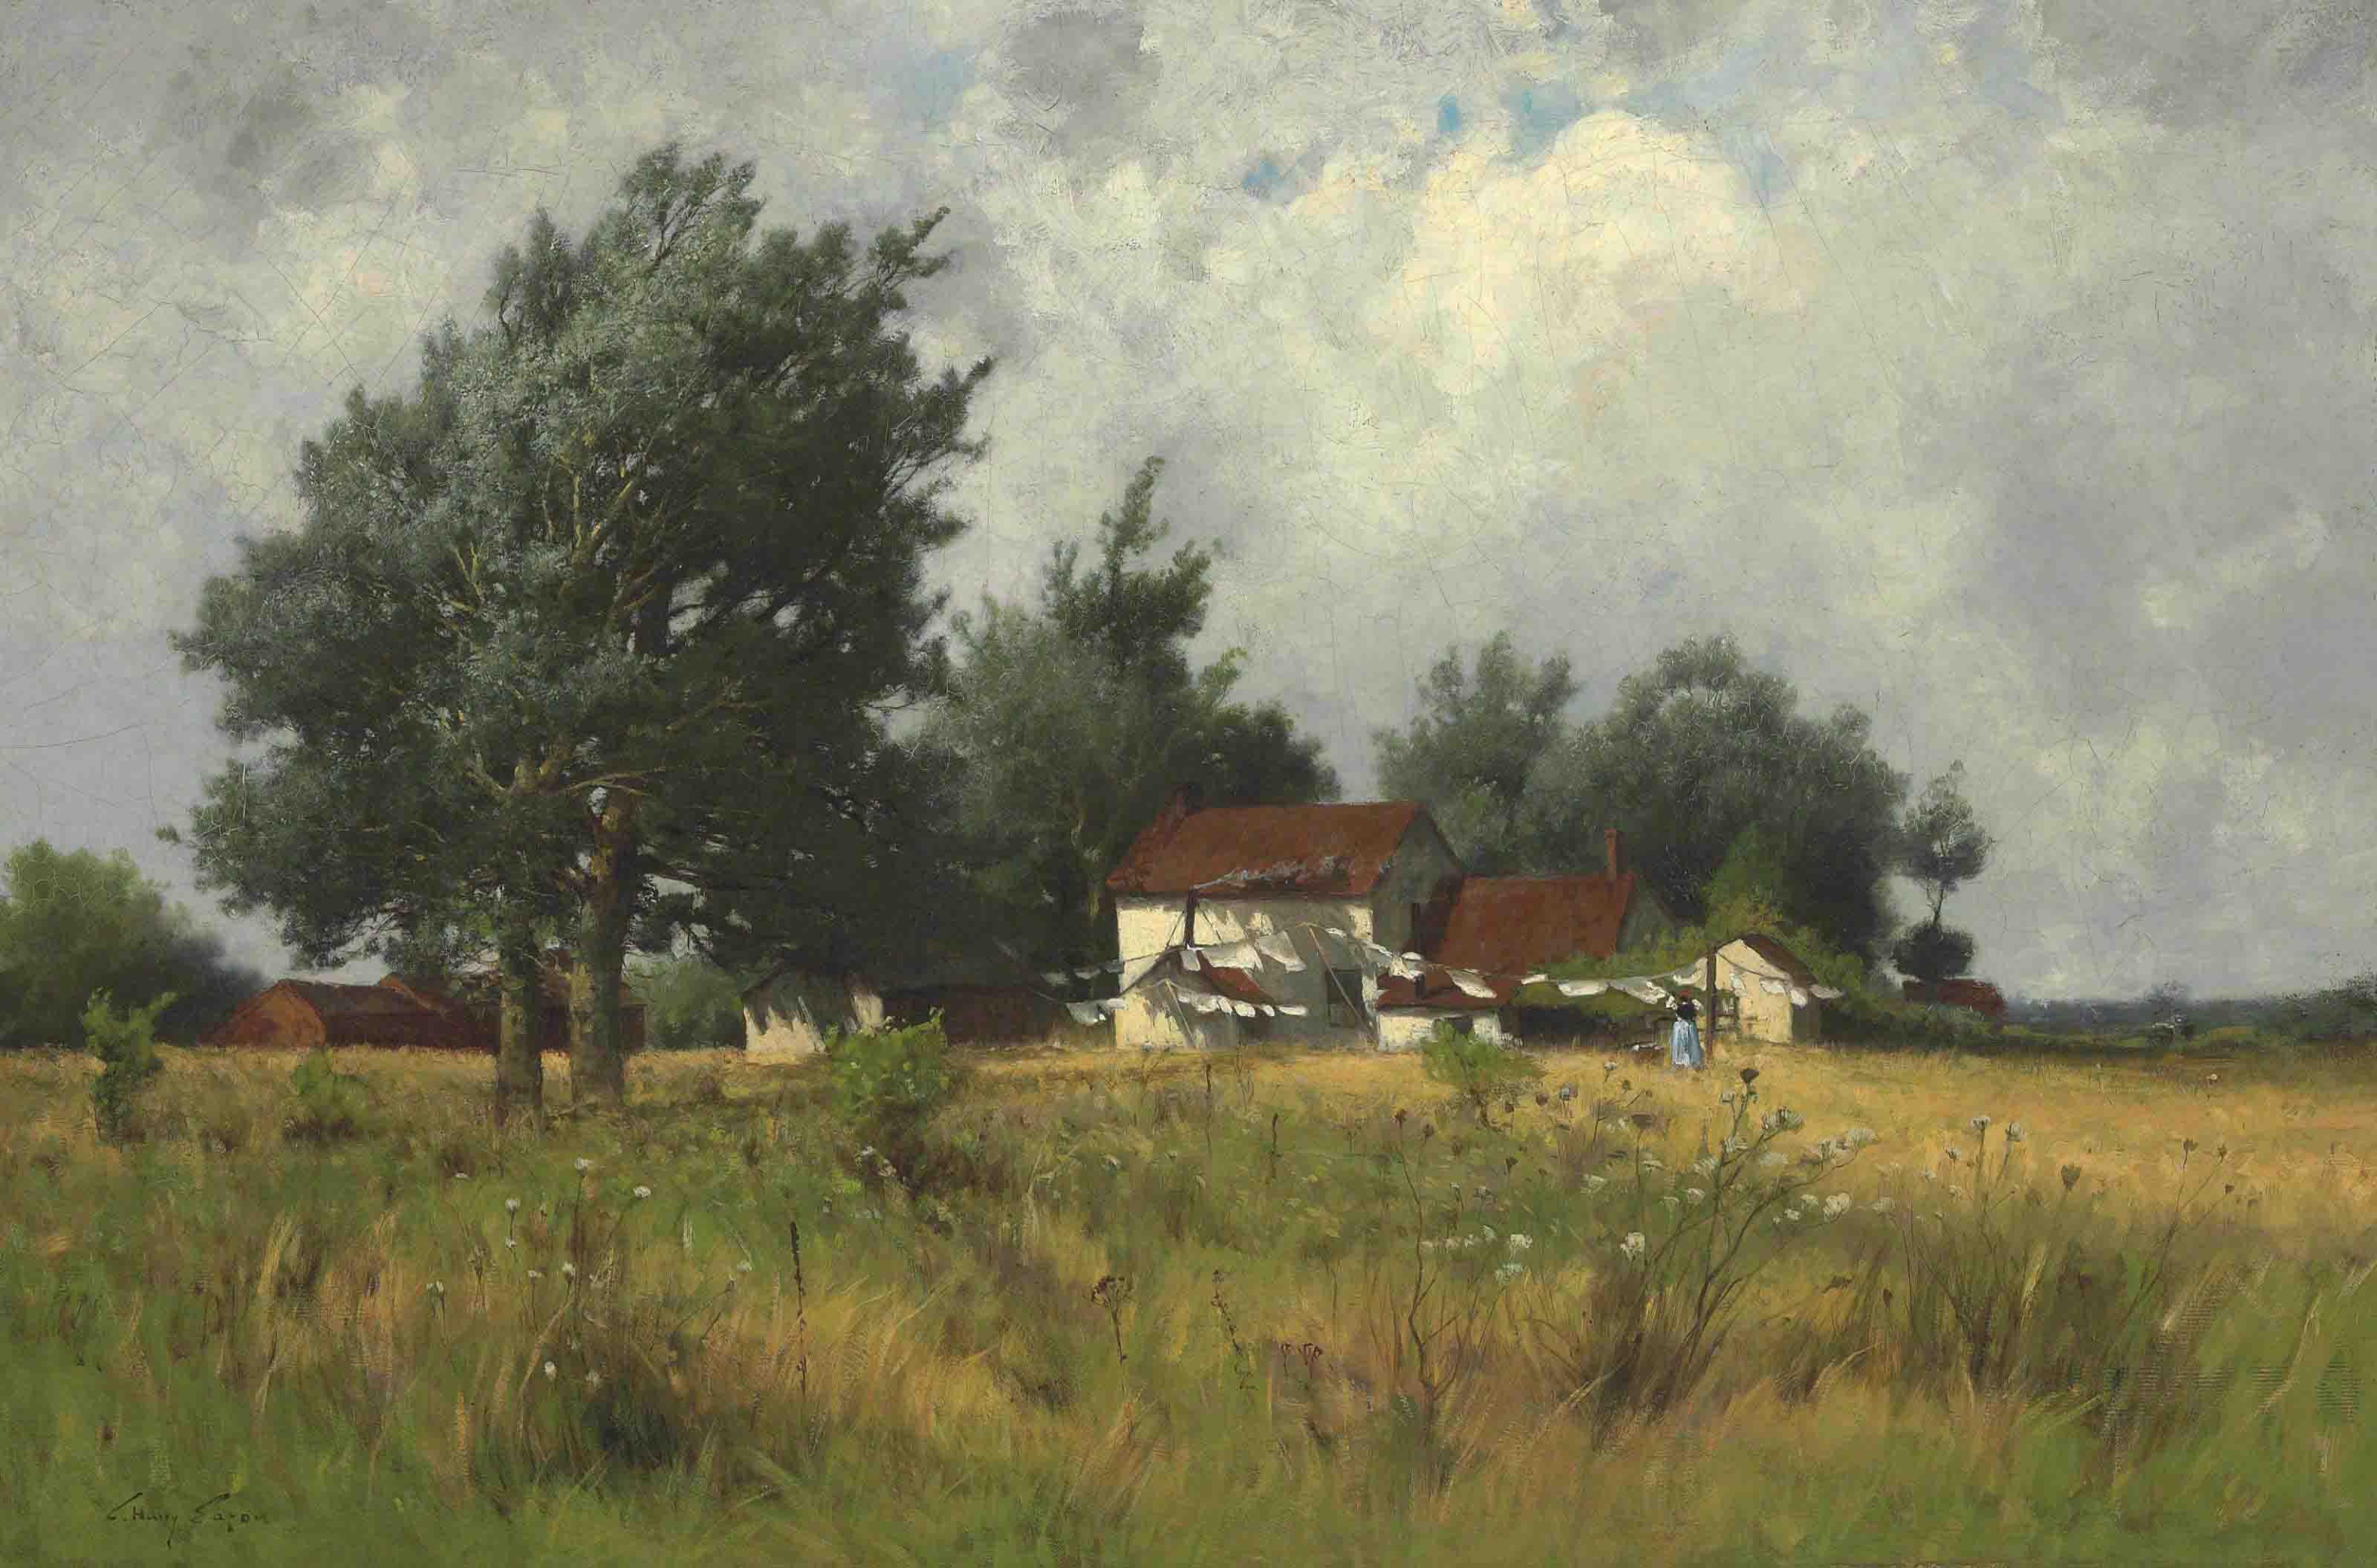 Farmhouse in a Landscape